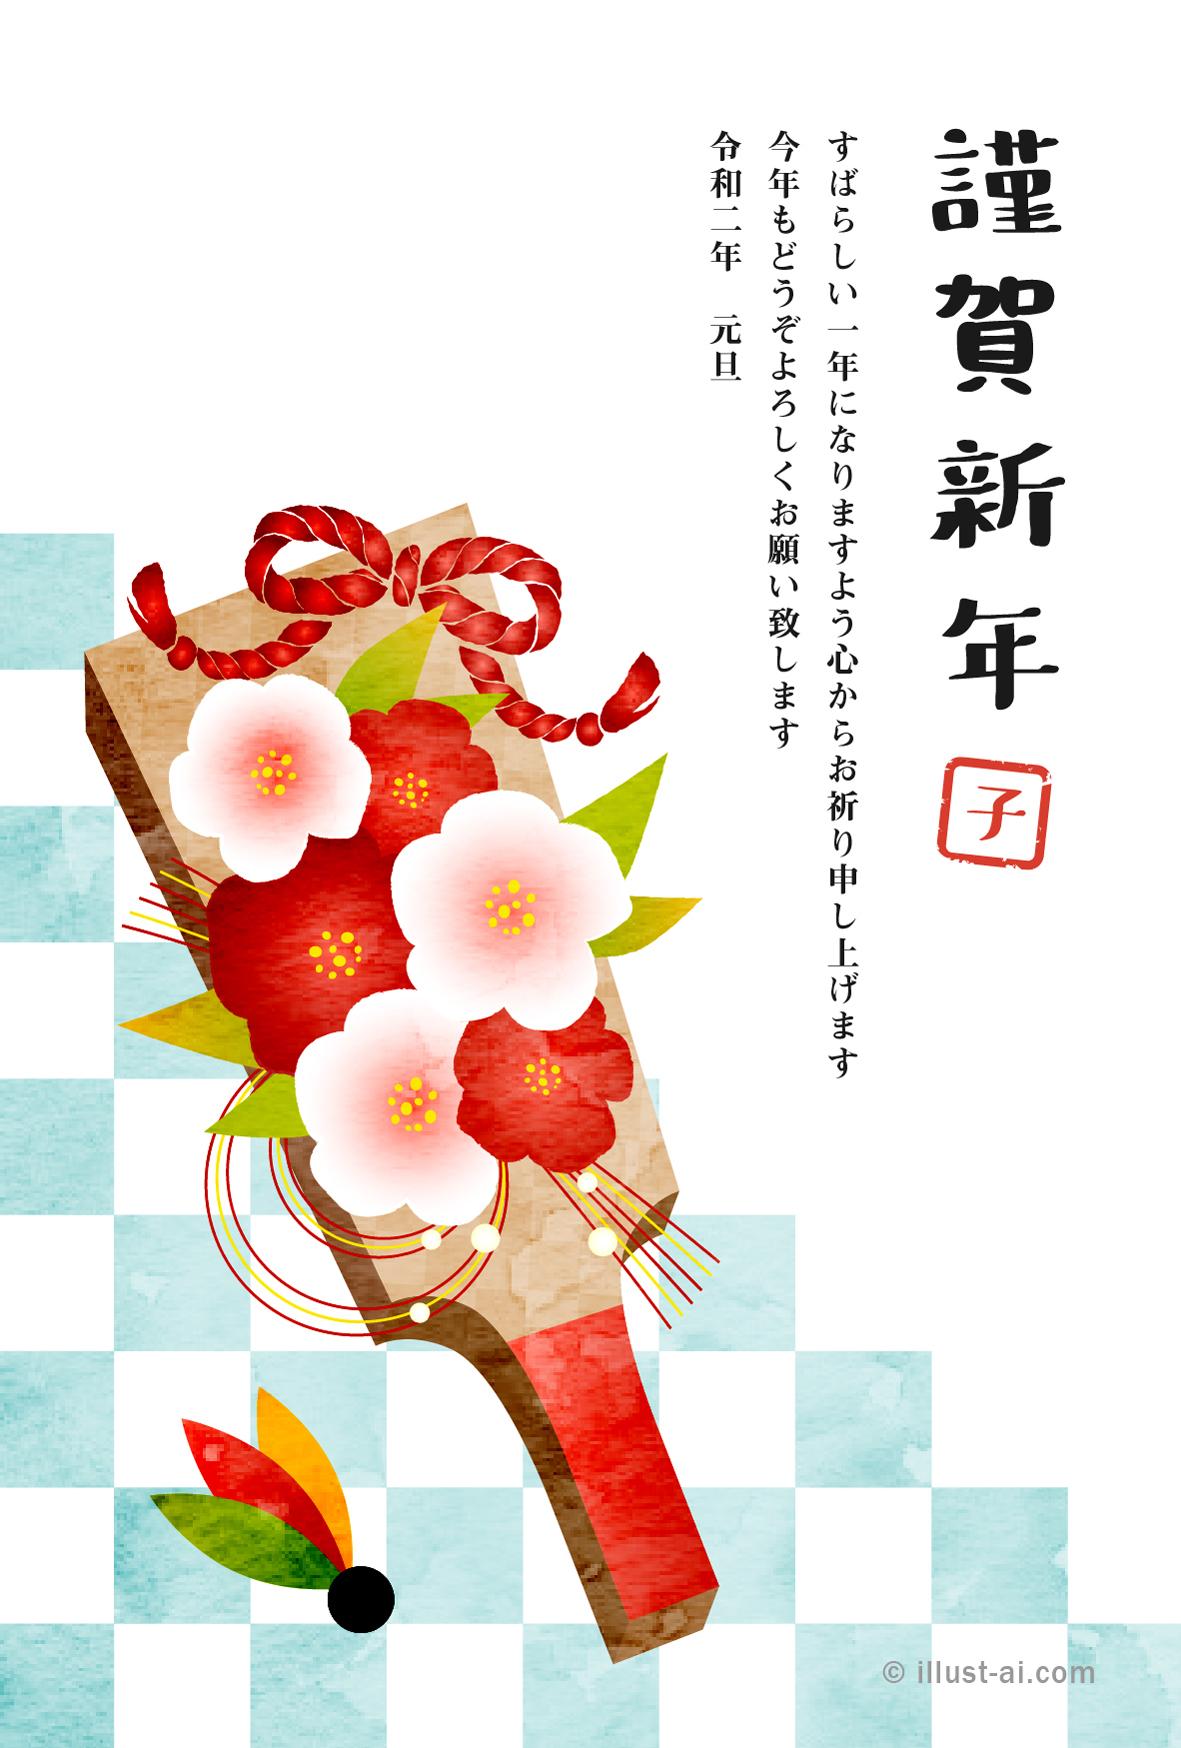 年賀状 子年椿の花飾り羽子板とさわやかな水色の市松模様 年賀状